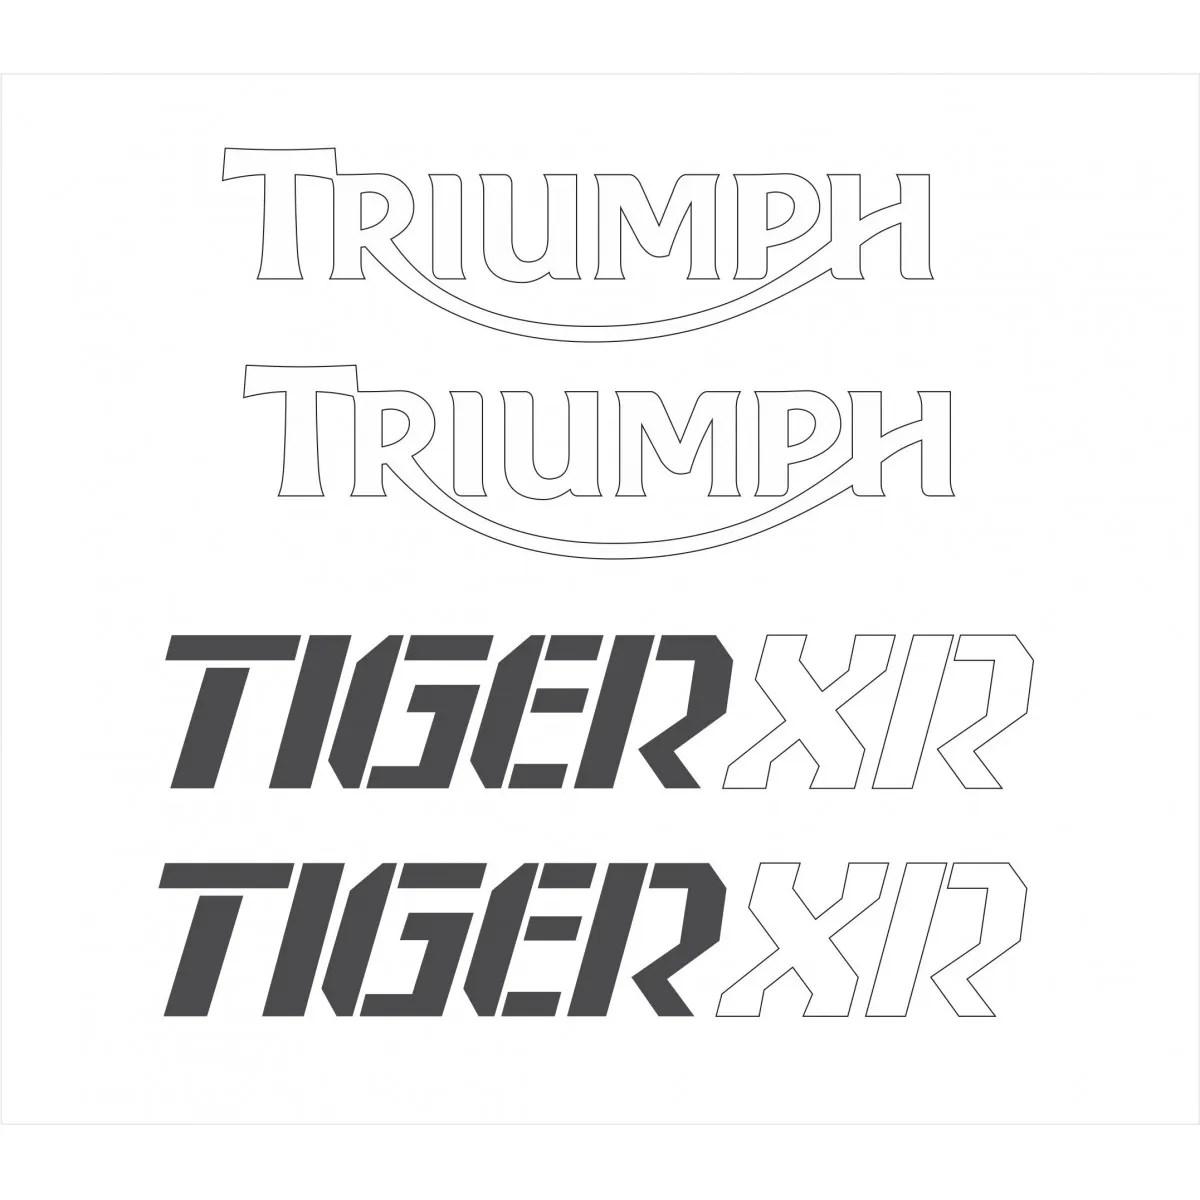 Kit Adesivo Triumph Tiger 800xr 800 Xr Preta Tg024